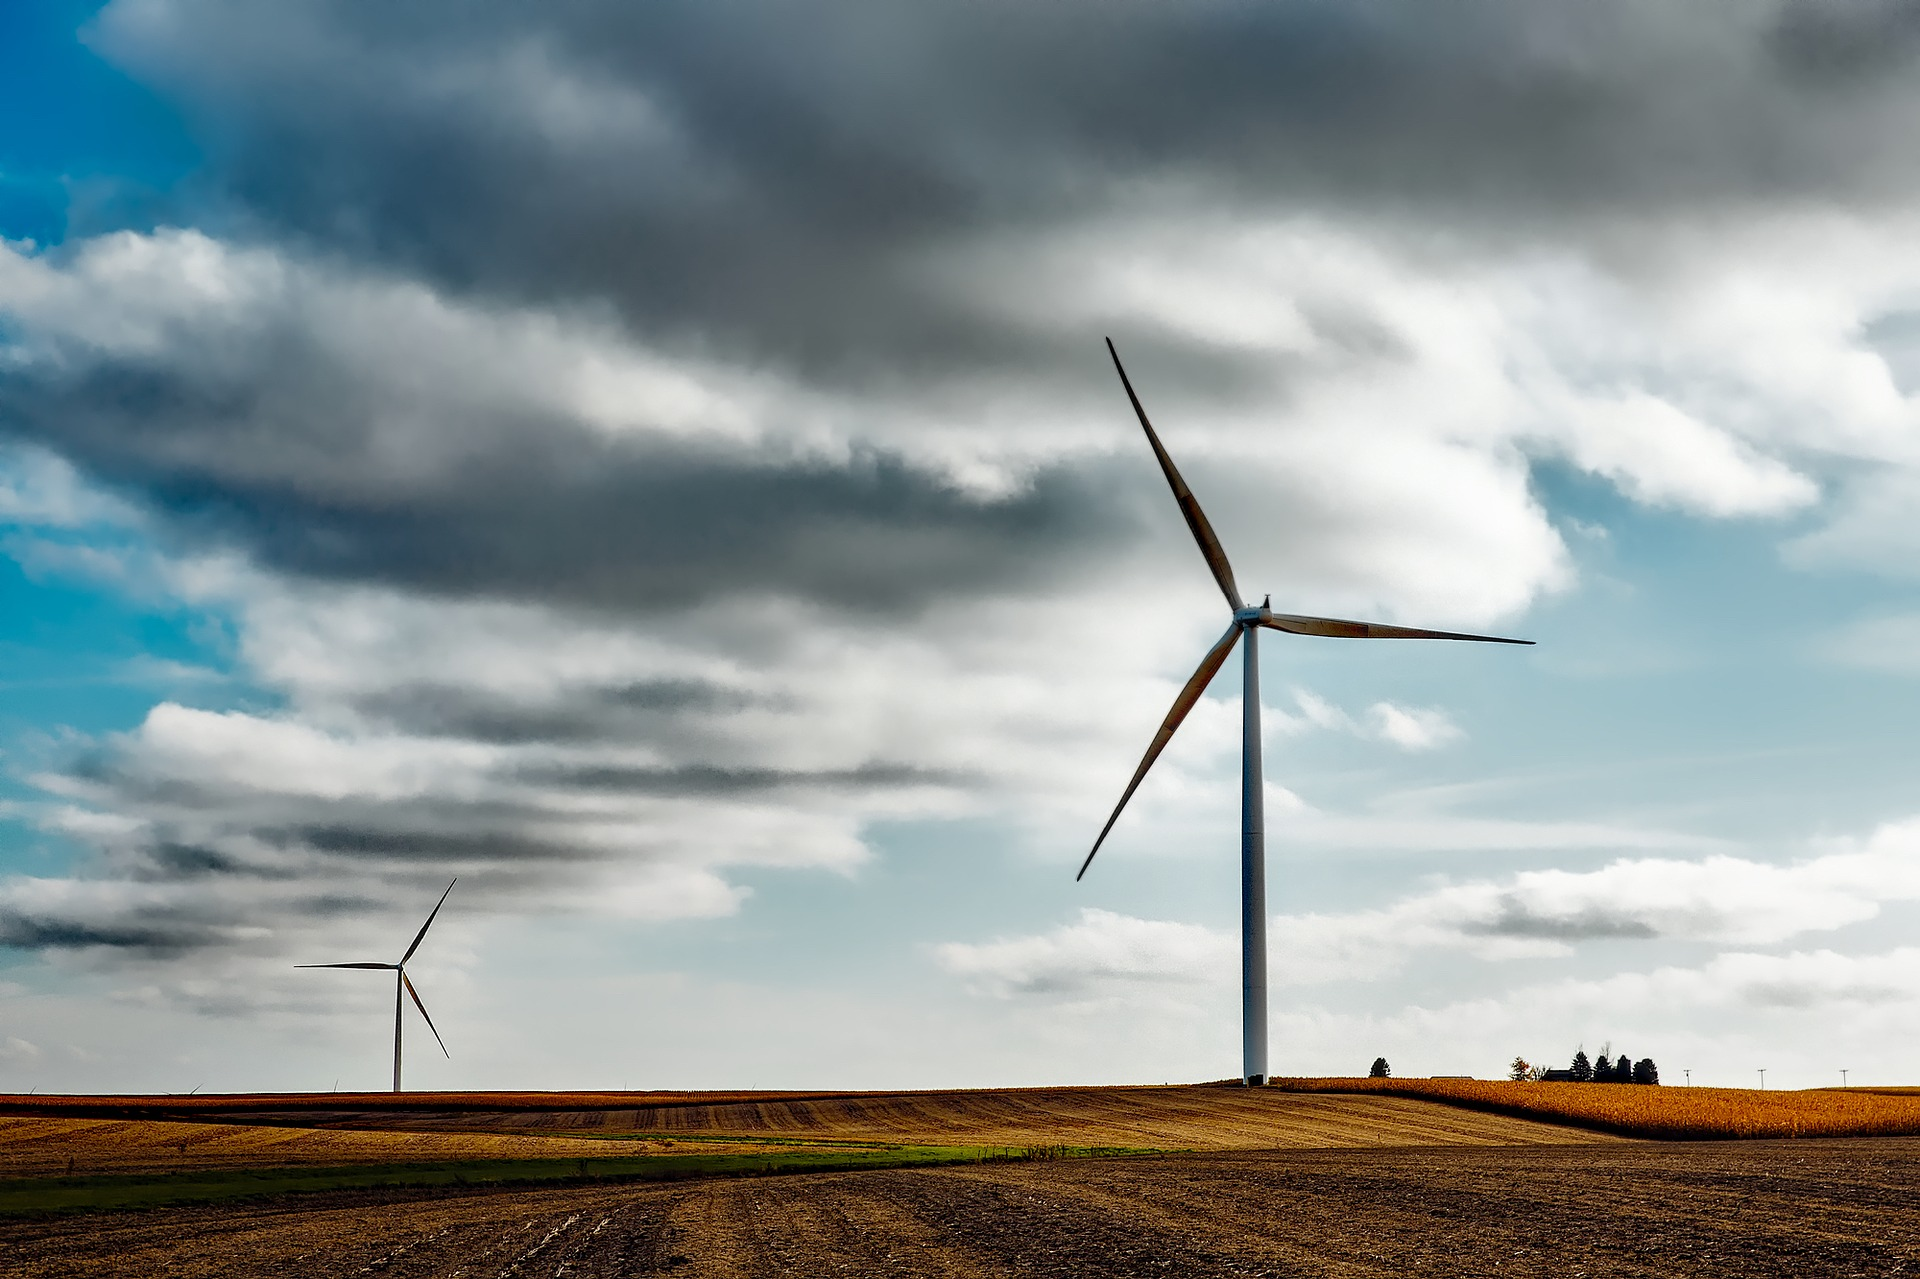 Image d'éoliennes